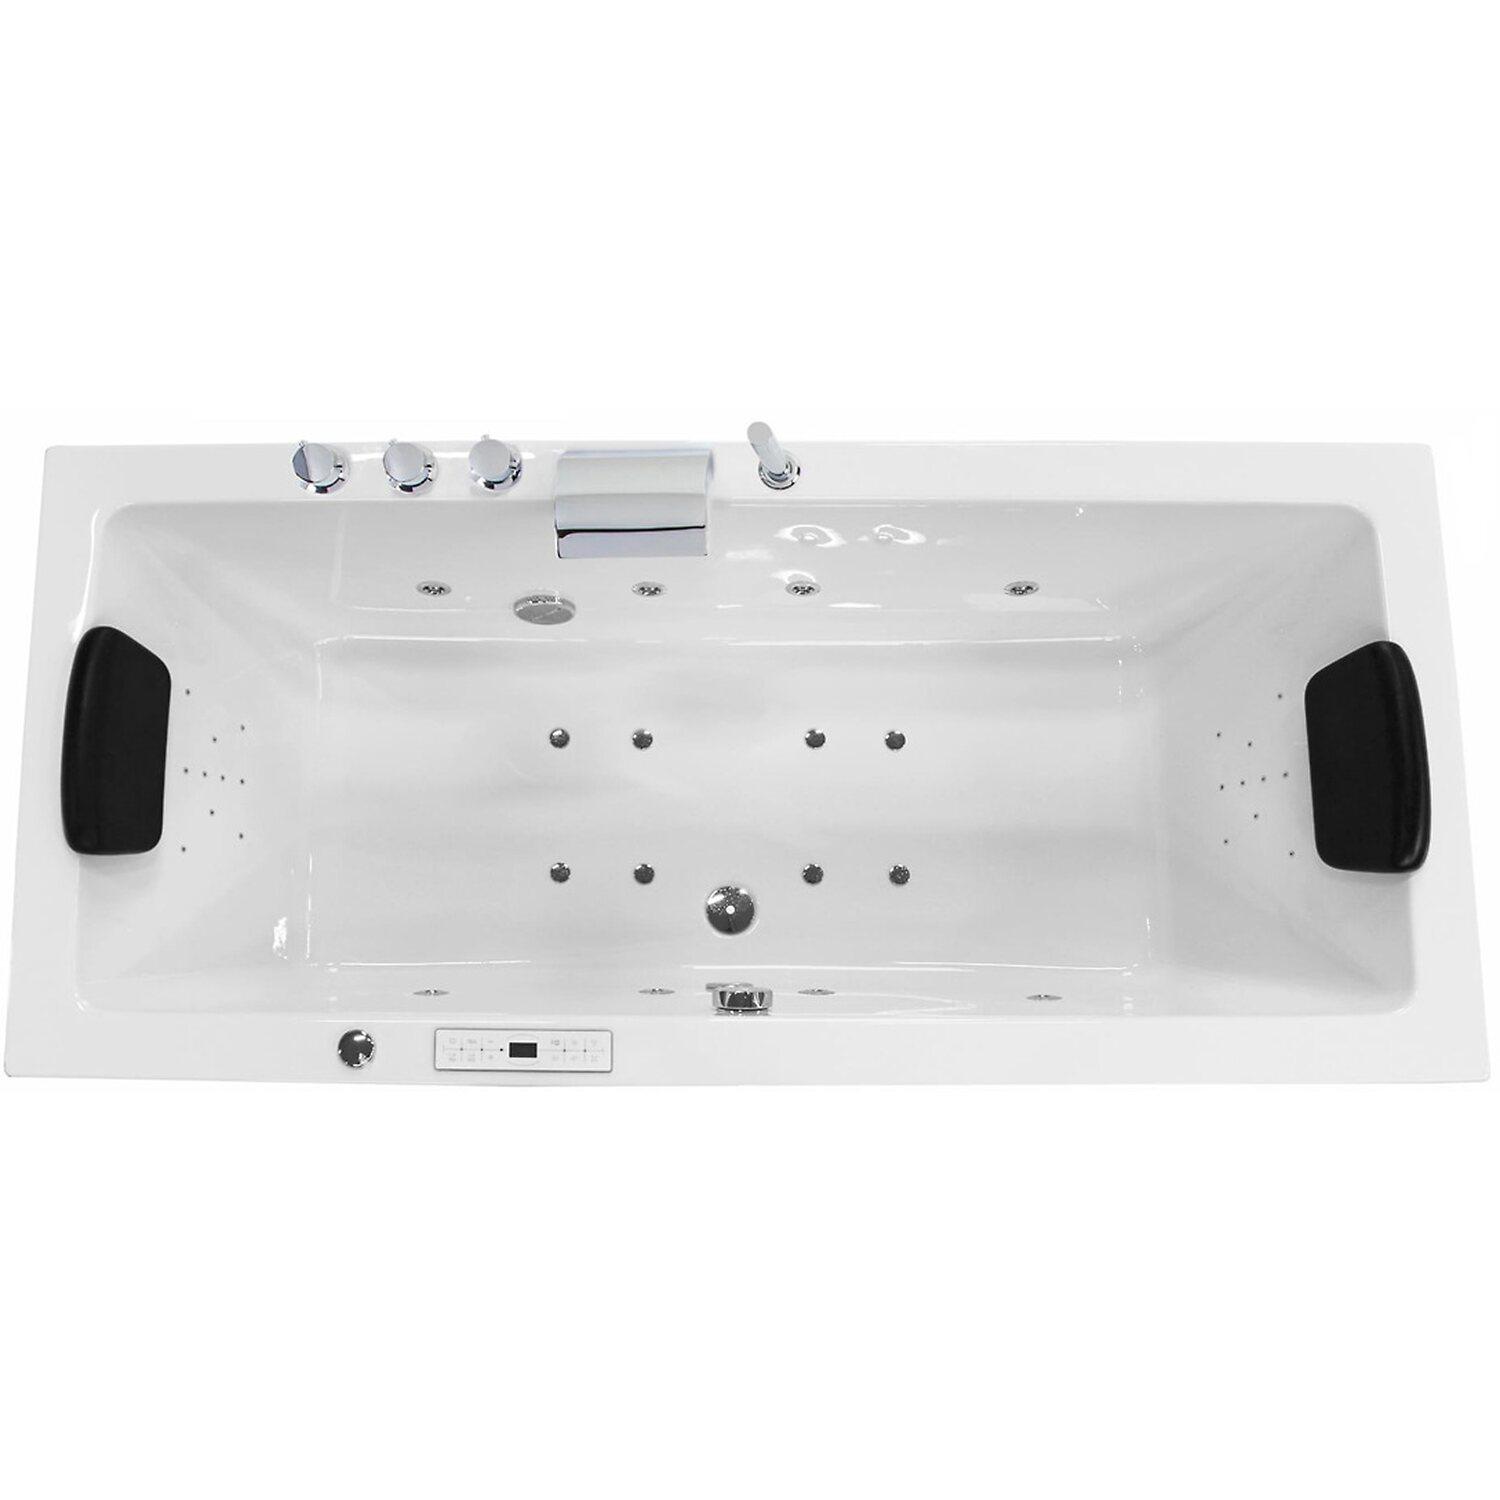 Emotion Premium Whirlpool Luzy 150 cm x 75 cm Weiß   Bad > Badewannen & Whirlpools > Whirlpools   Emotion